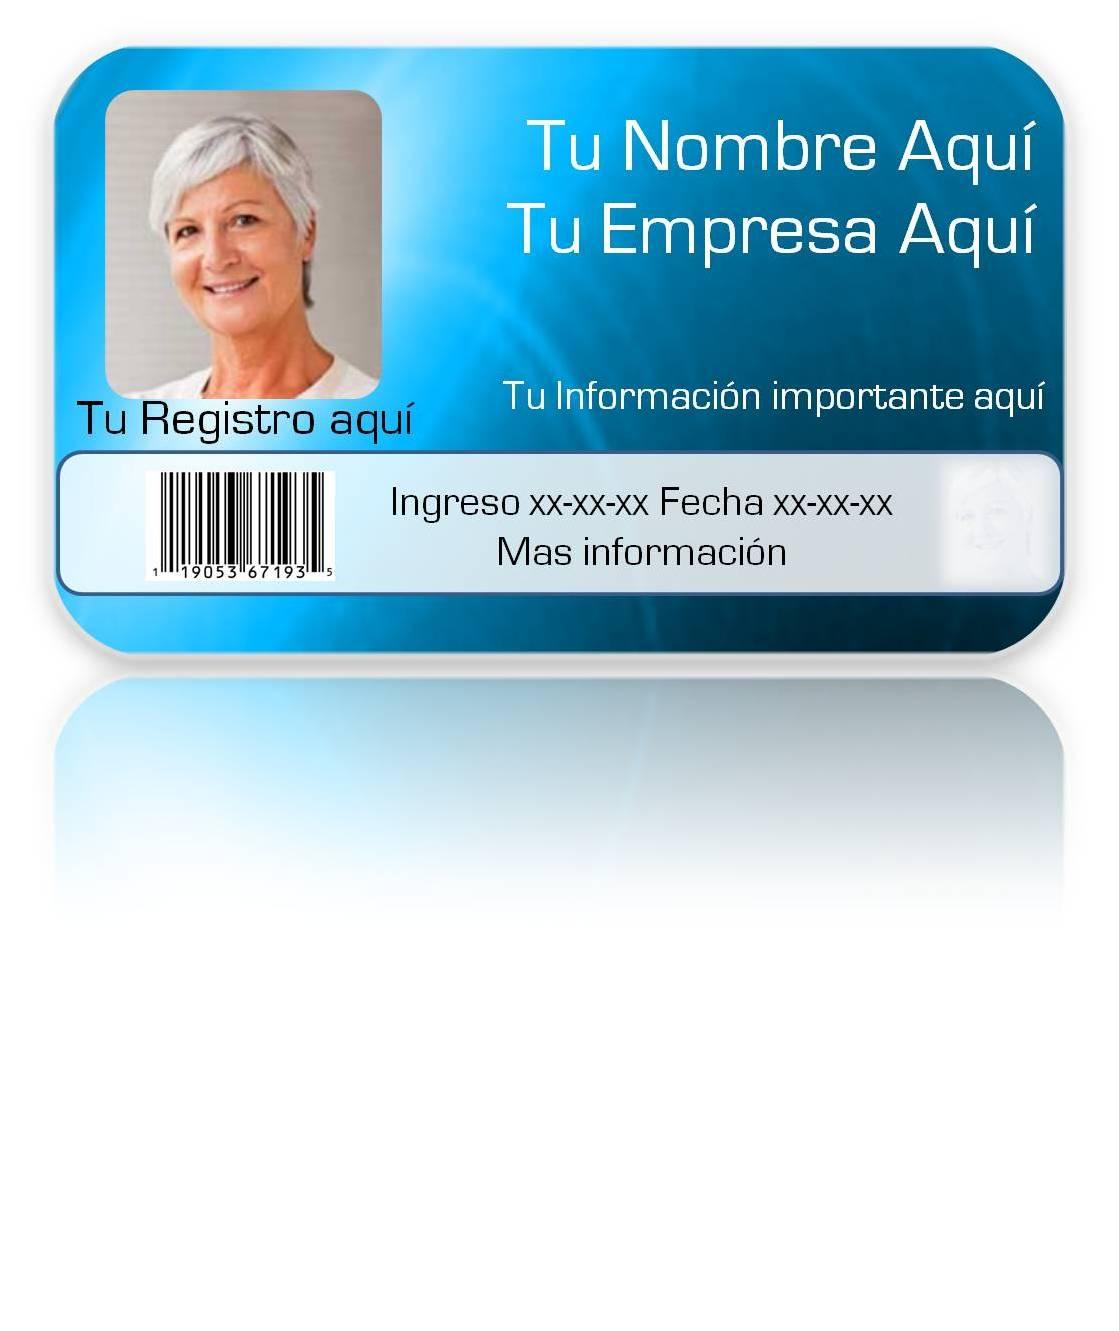 E-marketing.gt.unclick: Gafetes de Identificación